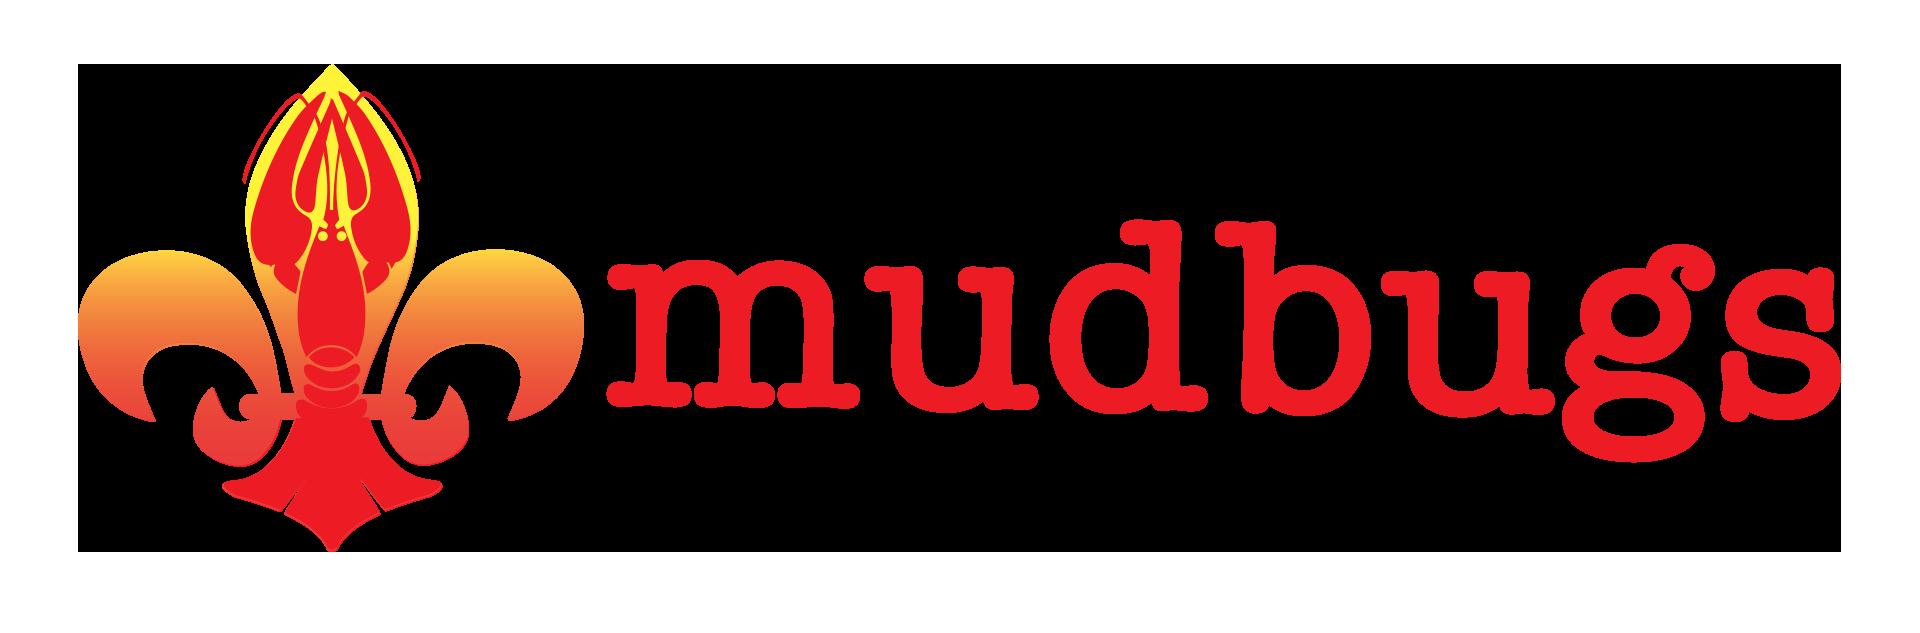 Mud Bugs